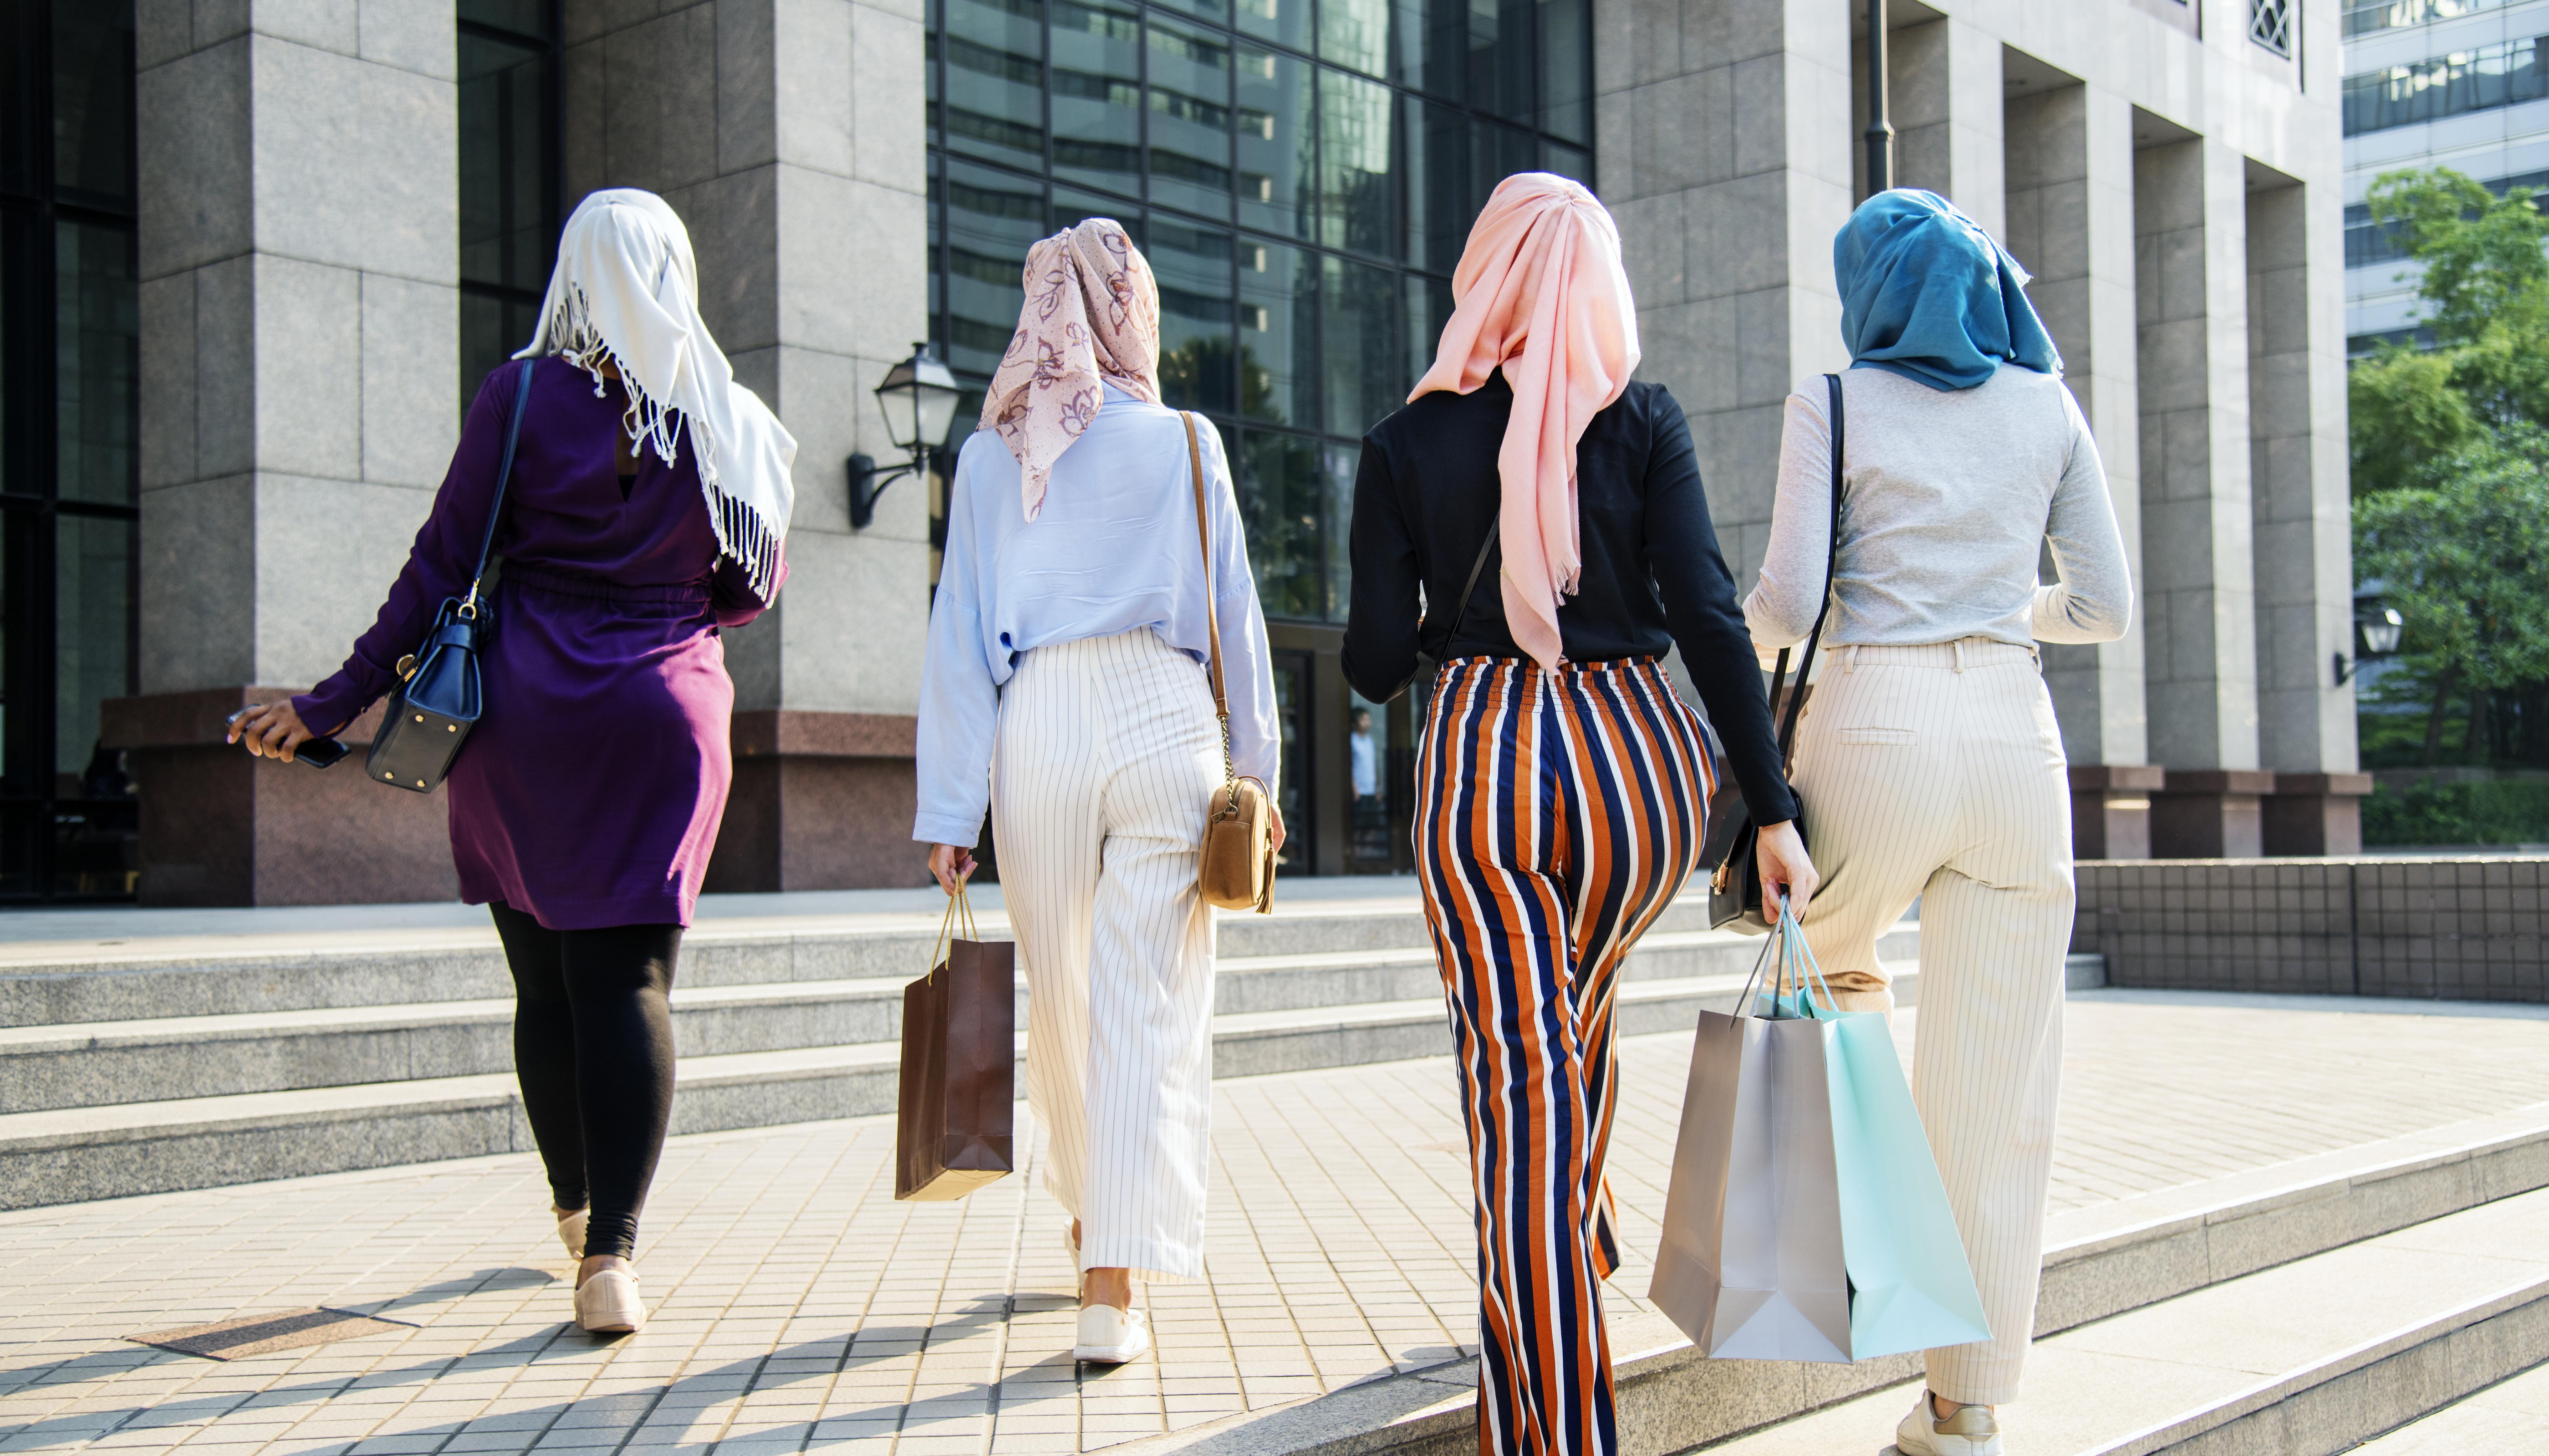 Algérie : Une campagne a été lancée contre le port du hijab